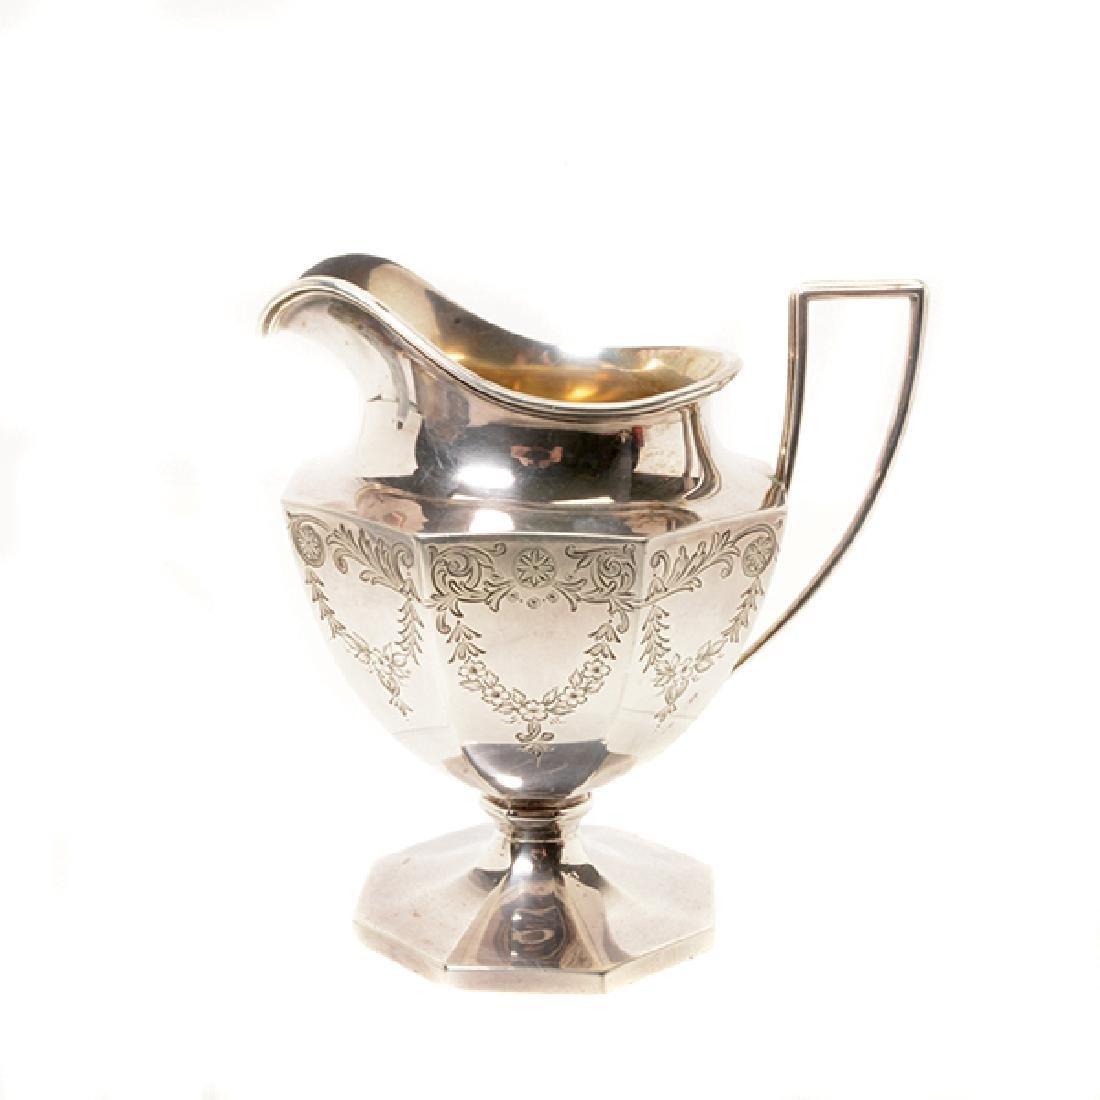 Gorham Sterling Octagonal Form Etched Tea Service - 7